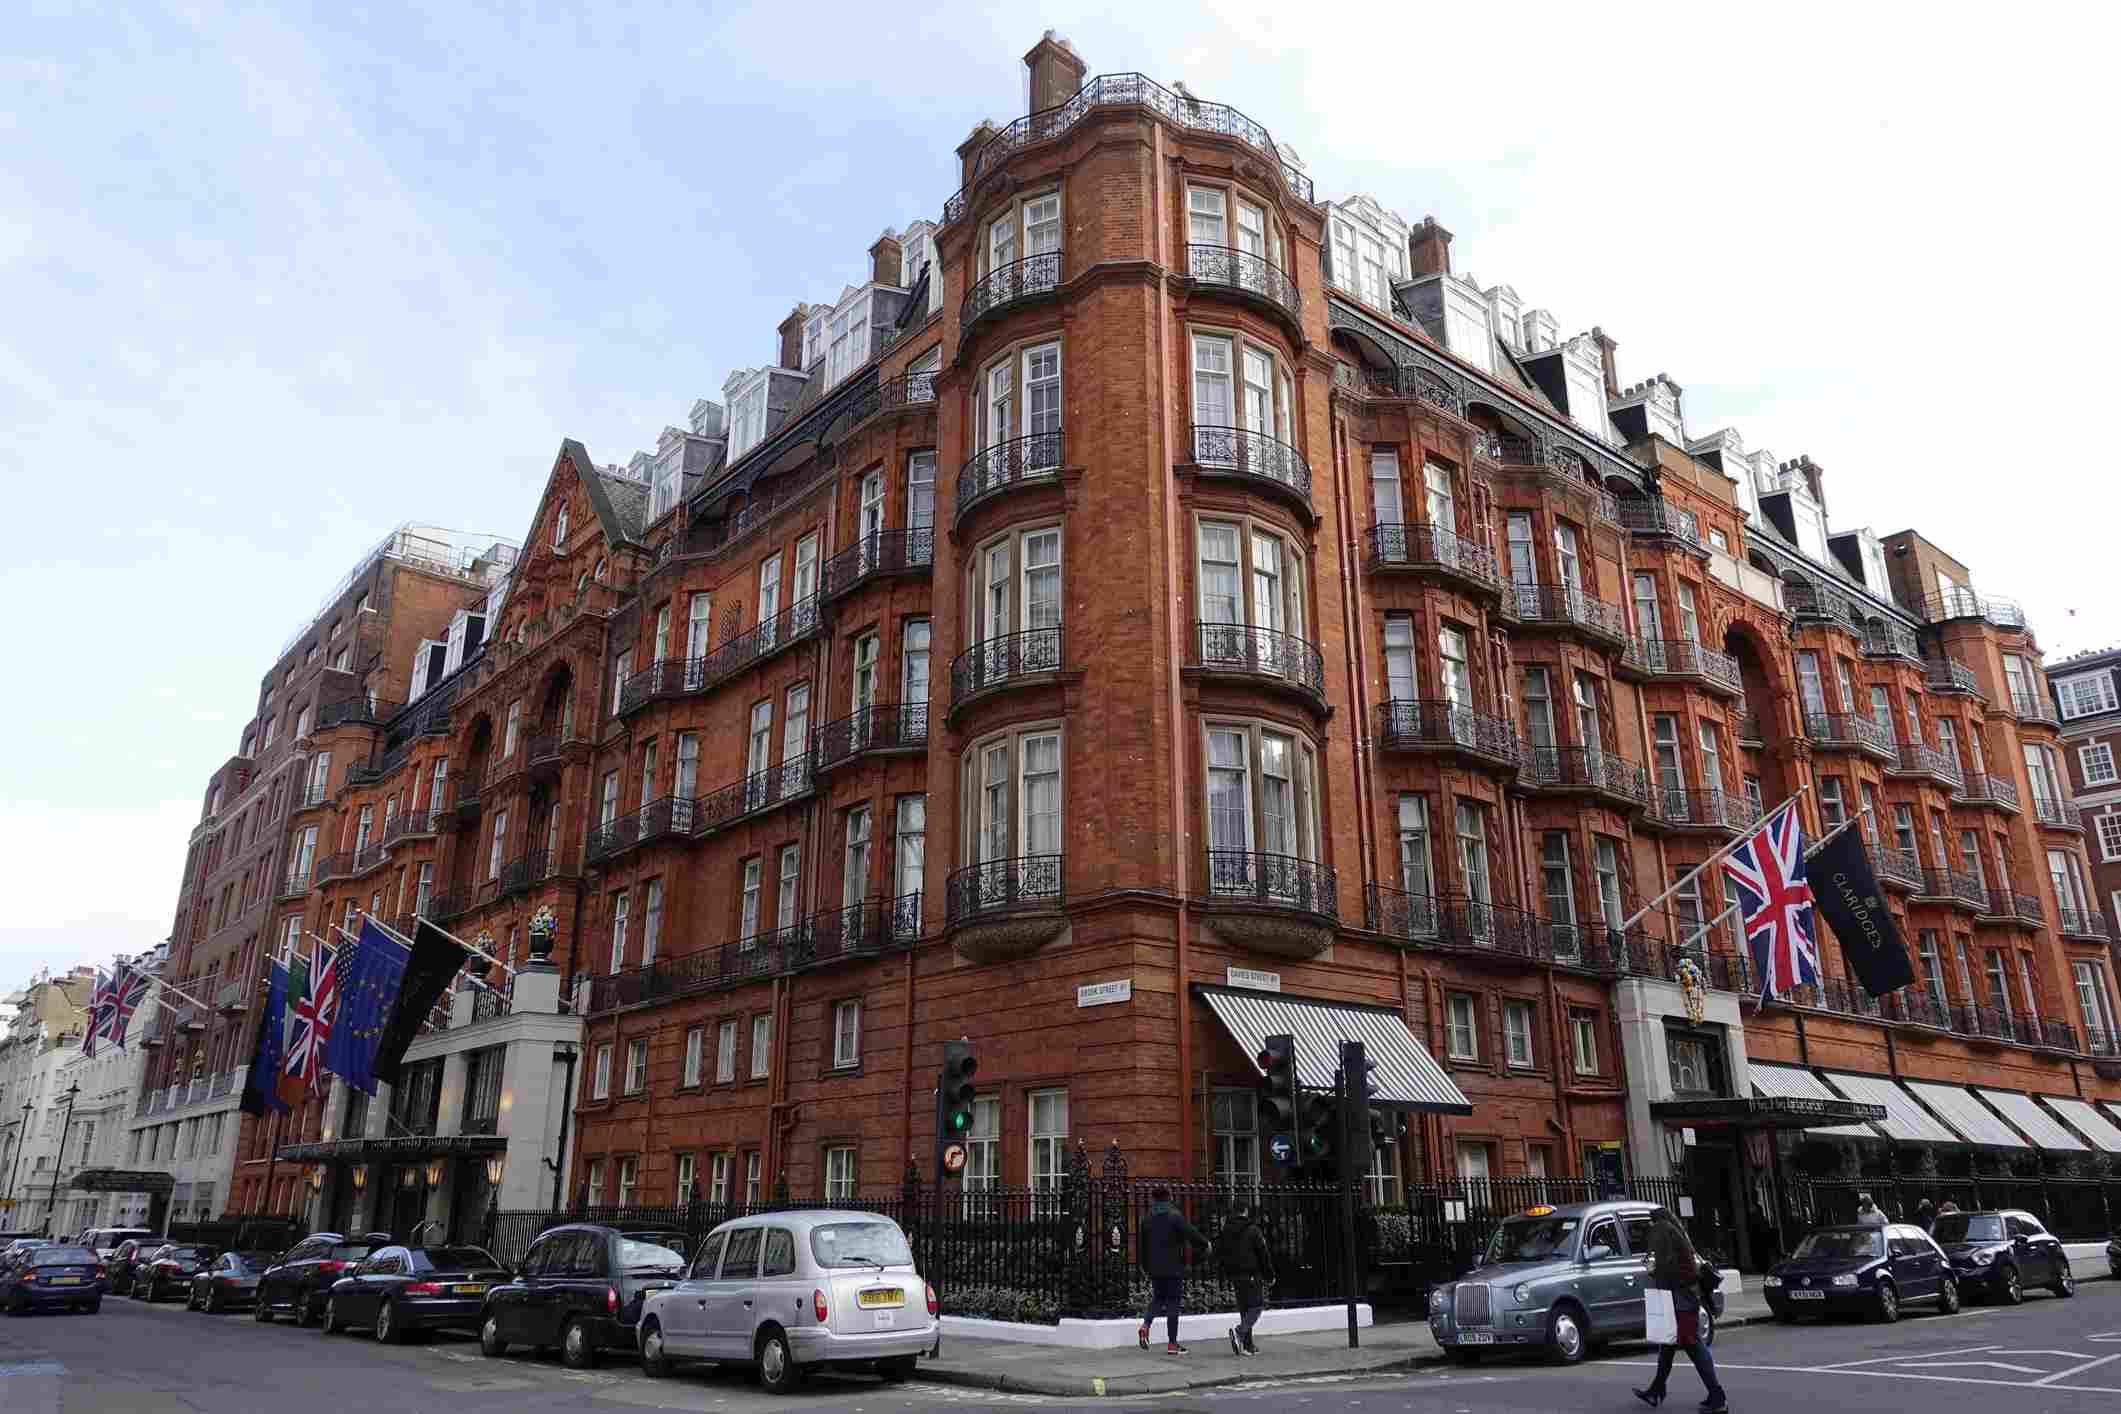 Claridge's Hotel in London.